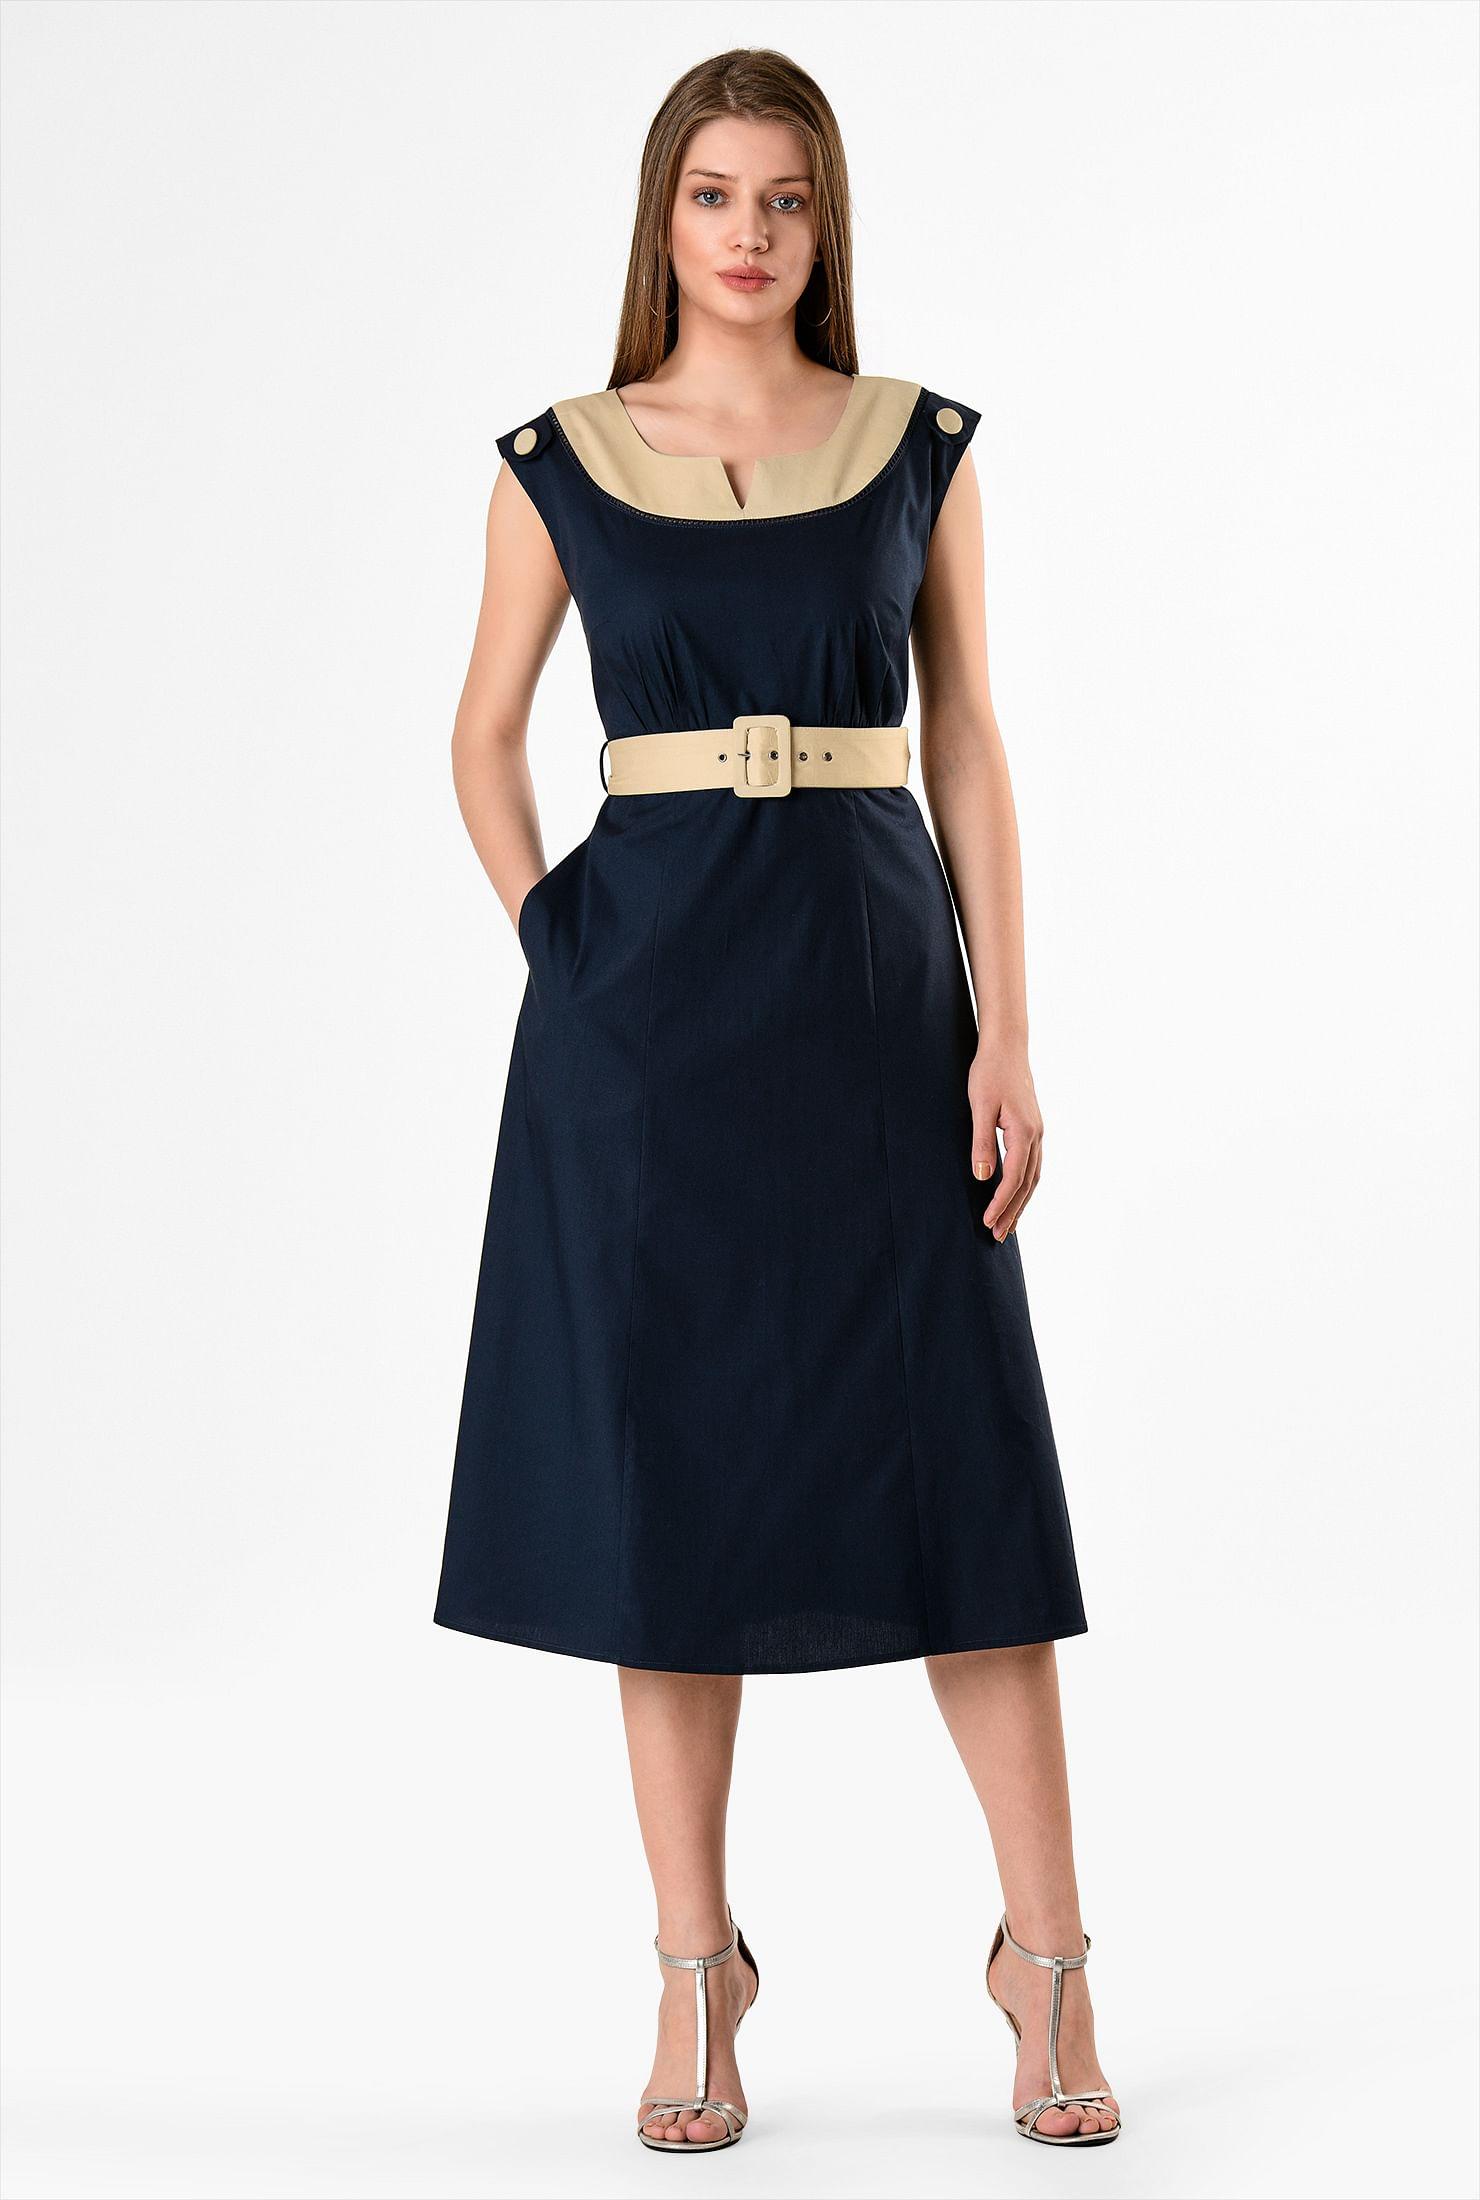 1930s Day Dresses, Tea Dresses, House Dresses Colorblock stretch poplin belted dress $59.95 AT vintagedancer.com